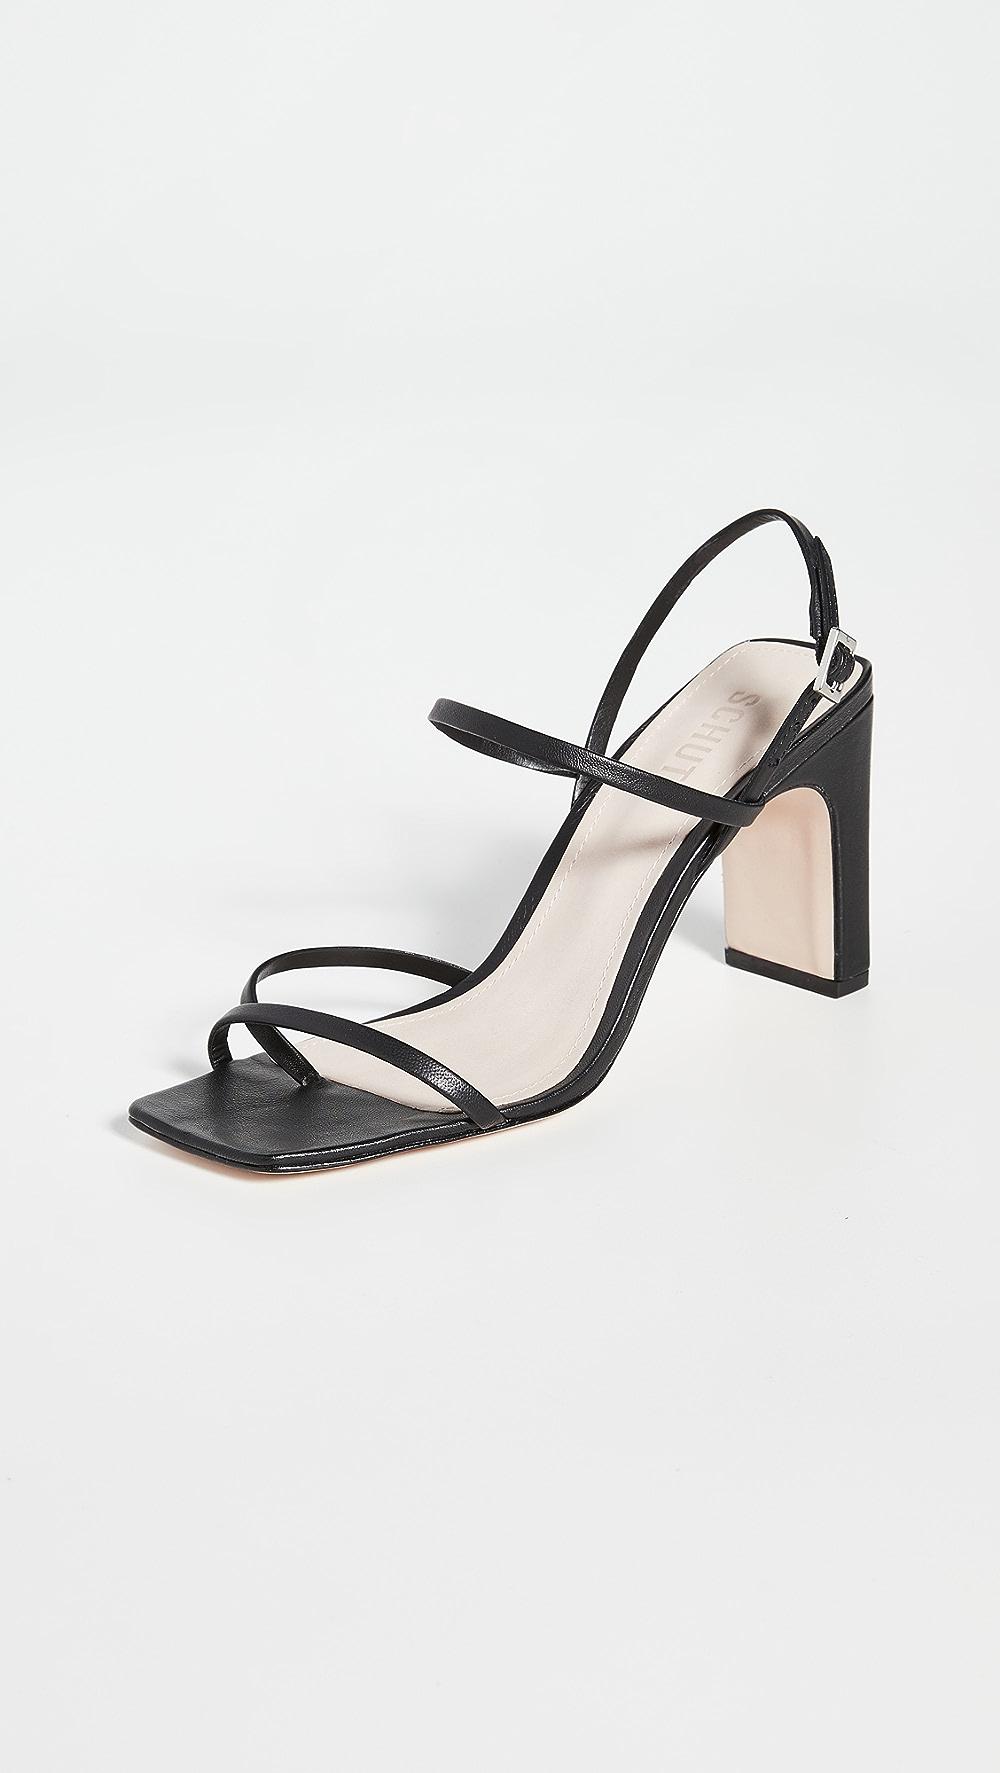 Discreet Schutz - Amaia Sandals 100% Original